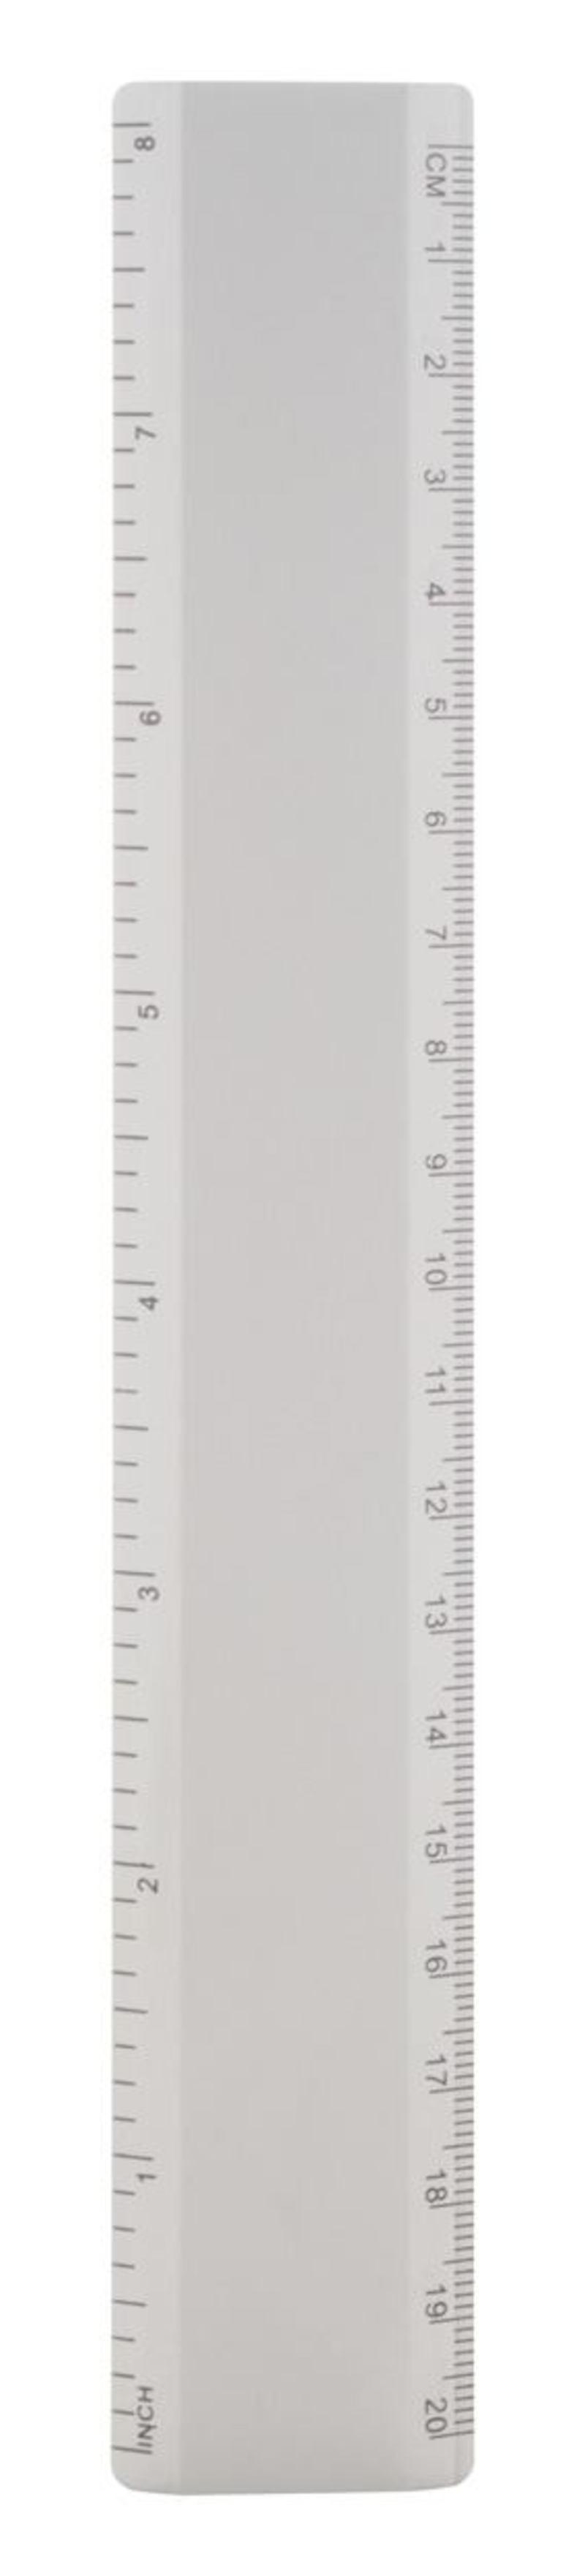 Alury 20 ruler